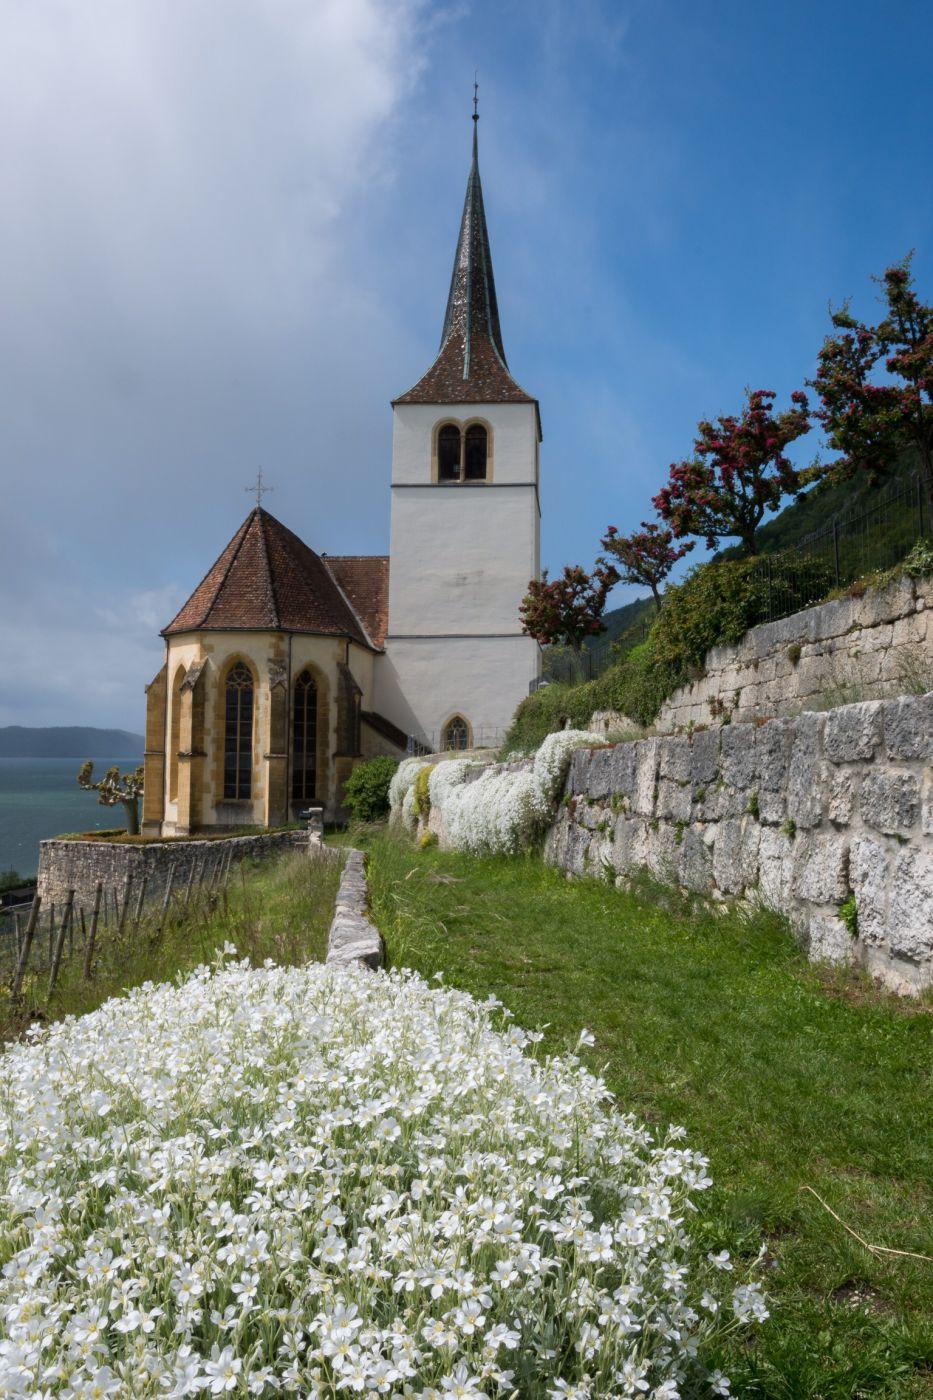 Ligerz church, Switzerland